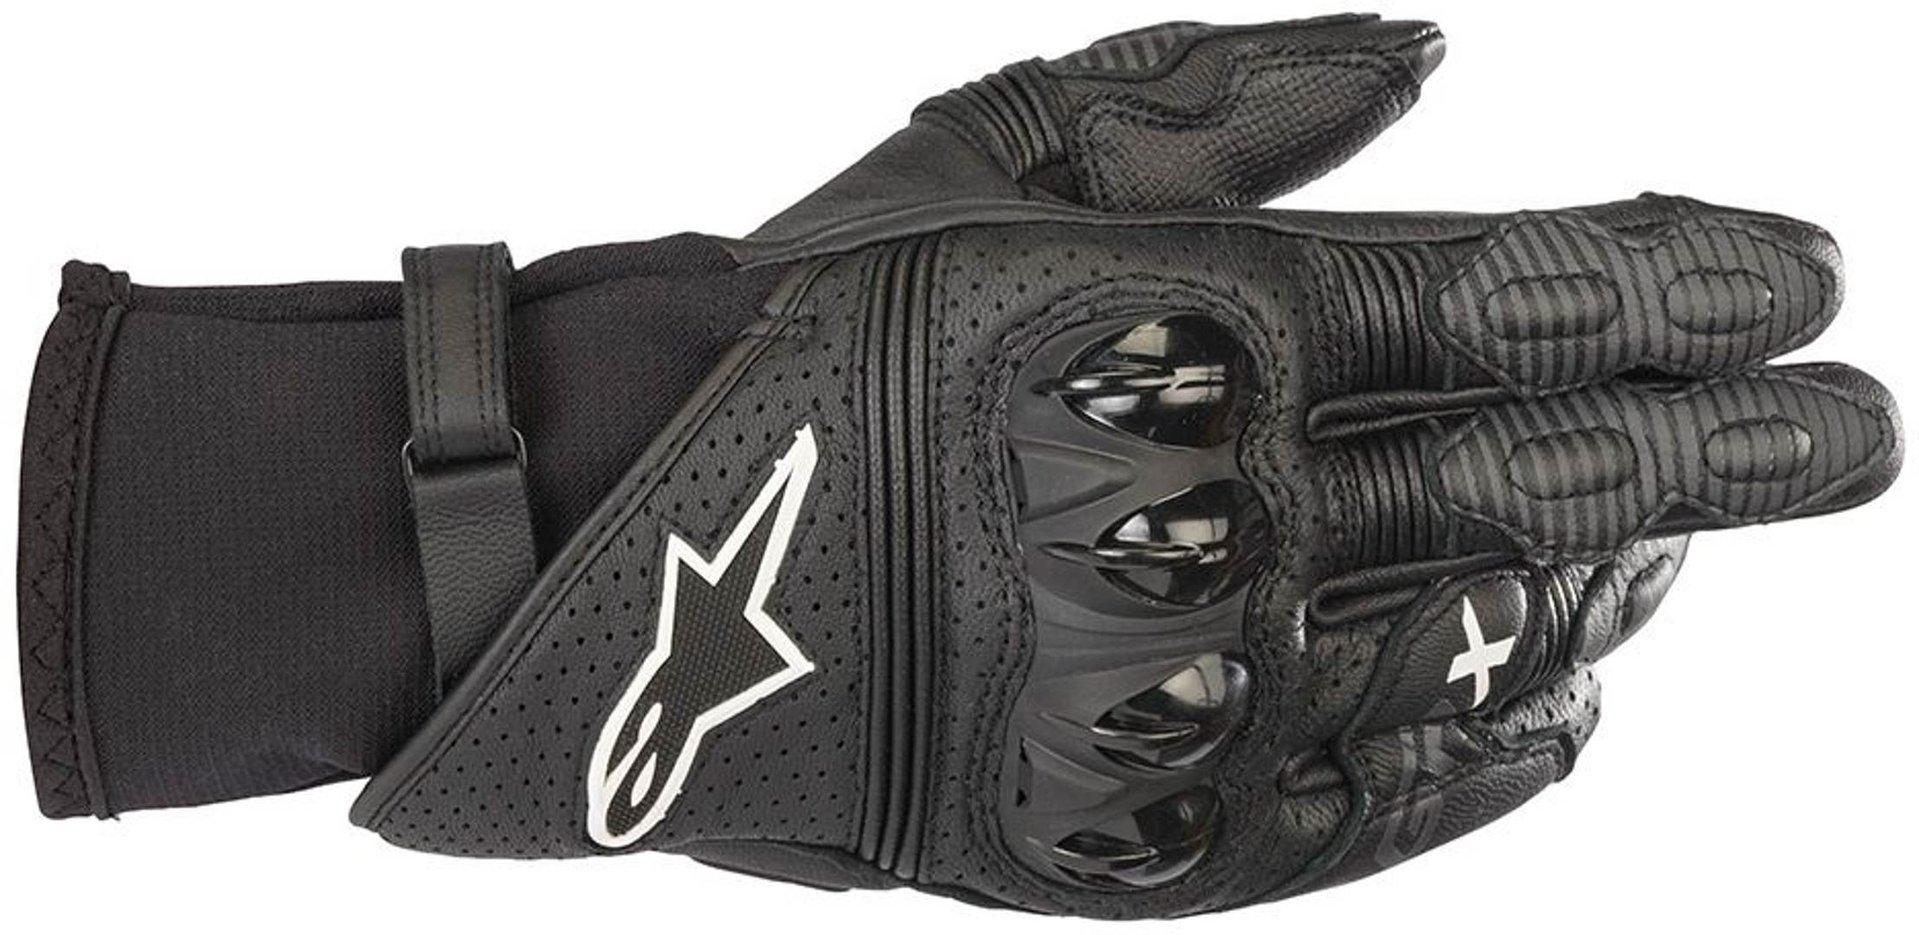 Alpinestars GP X V2 Motorradhandschuhe, schwarz, Größe XL, schwarz, Größe XL